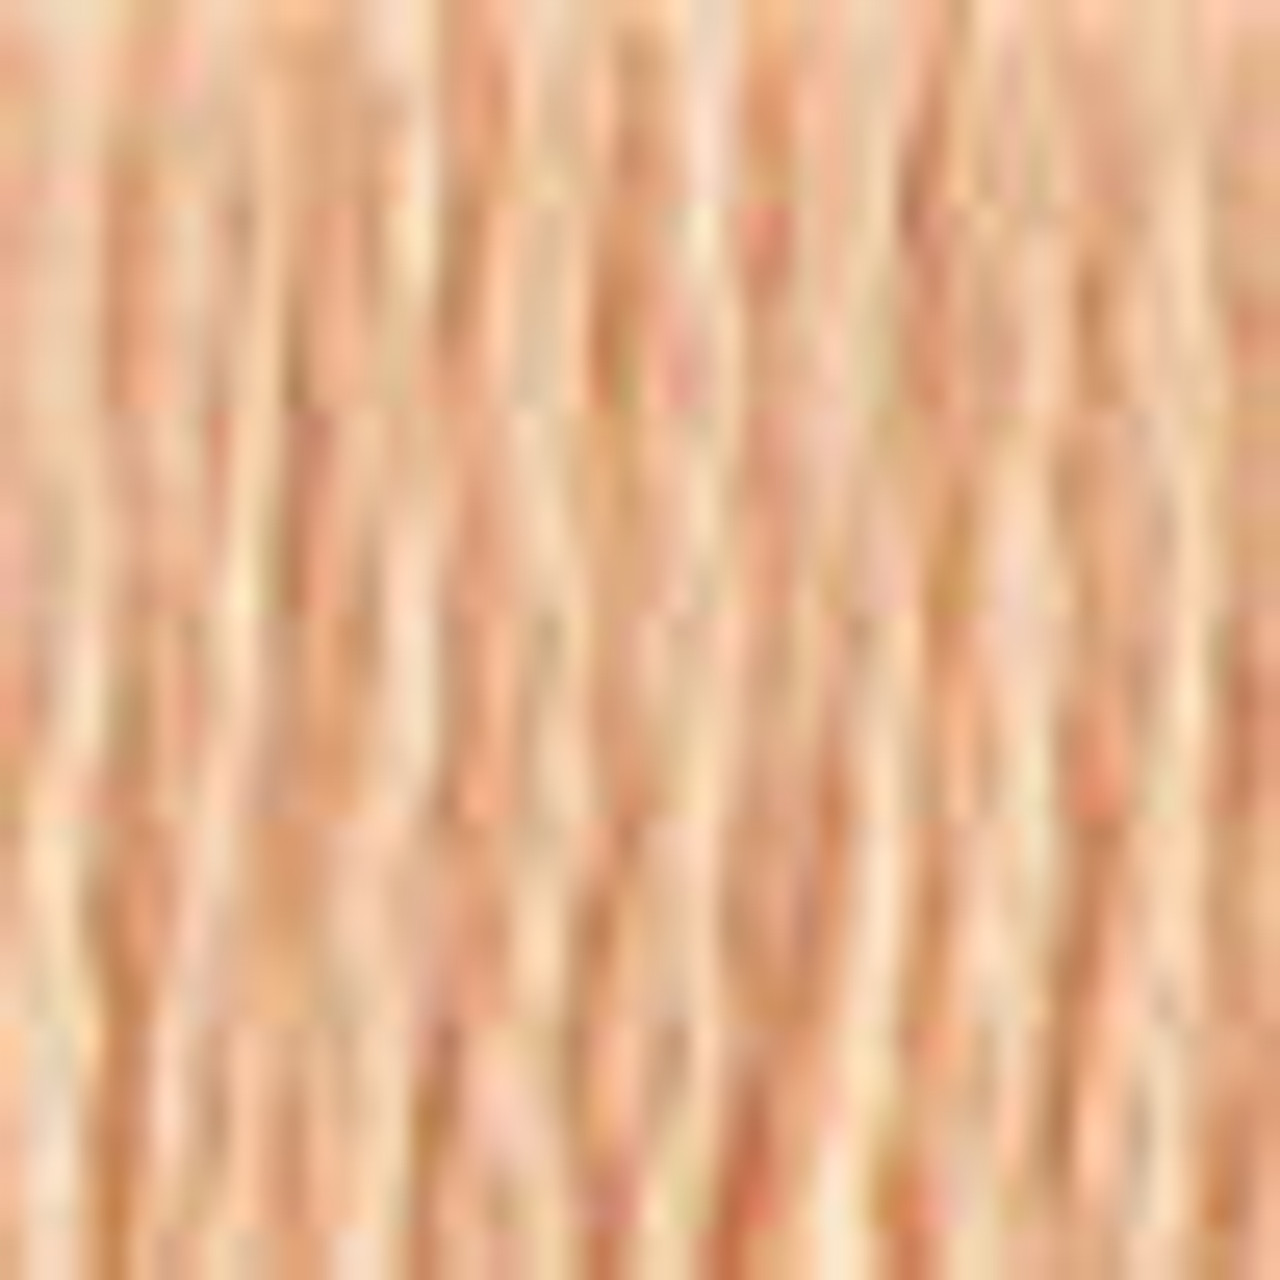 DMC # 738 Very Light Tan  Floss / Thread